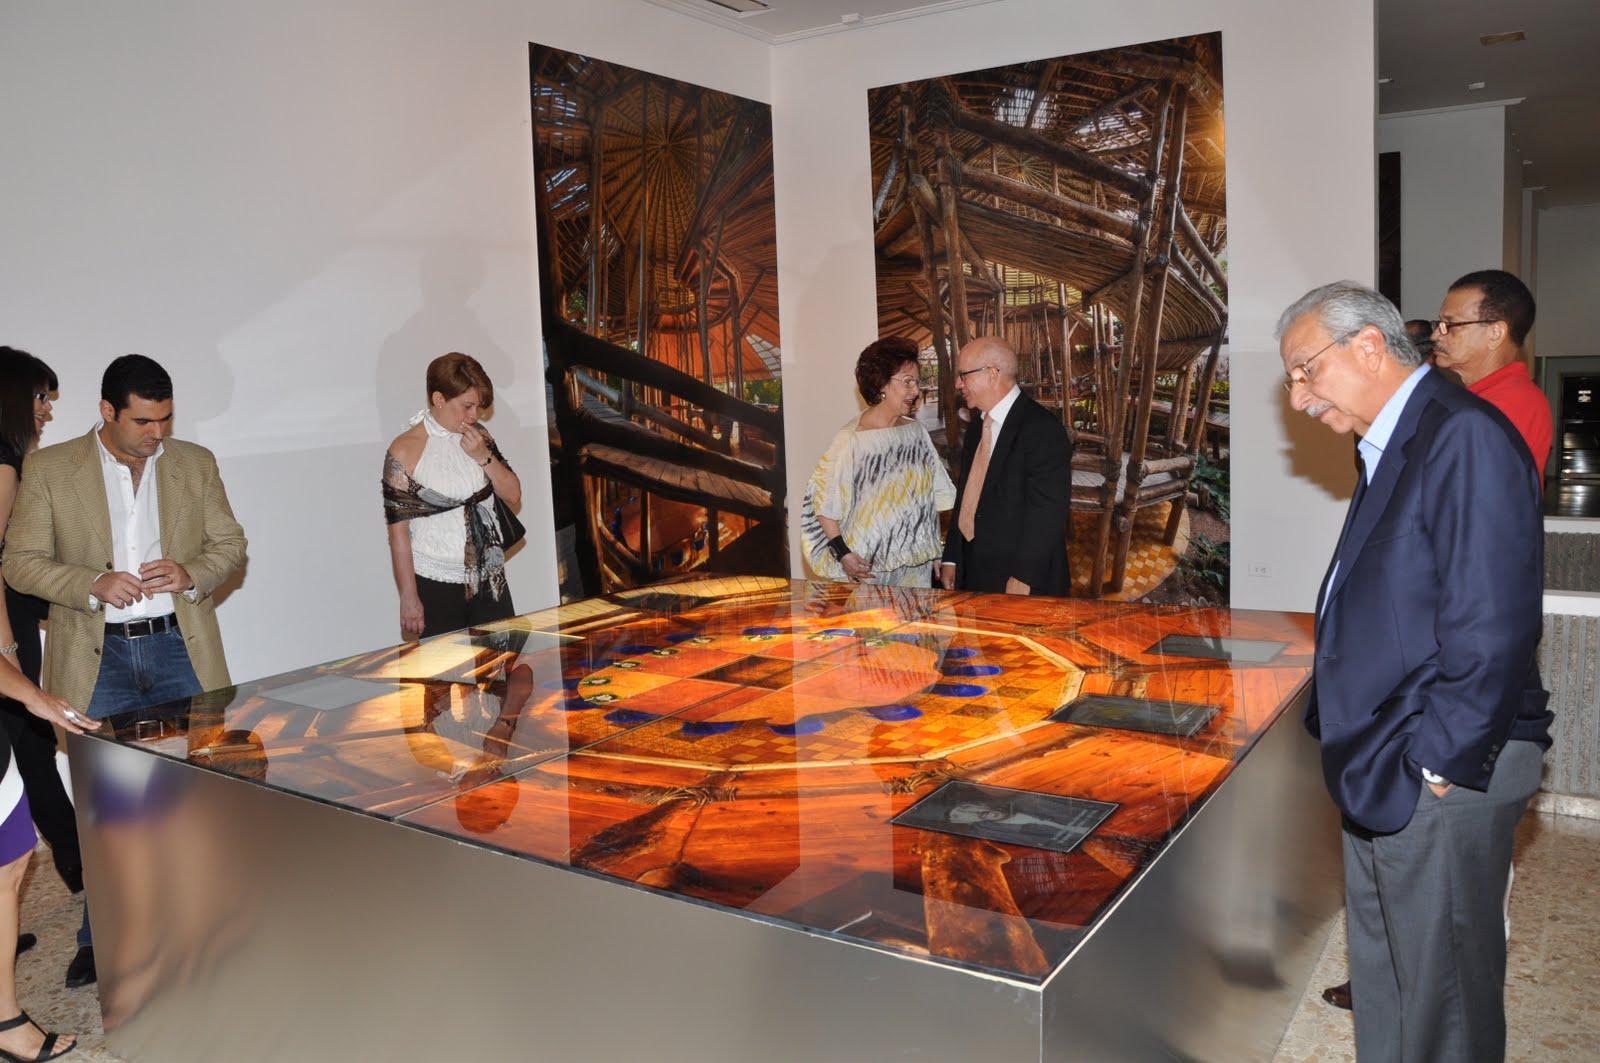 museo de arte moderno de la republica dominicana: